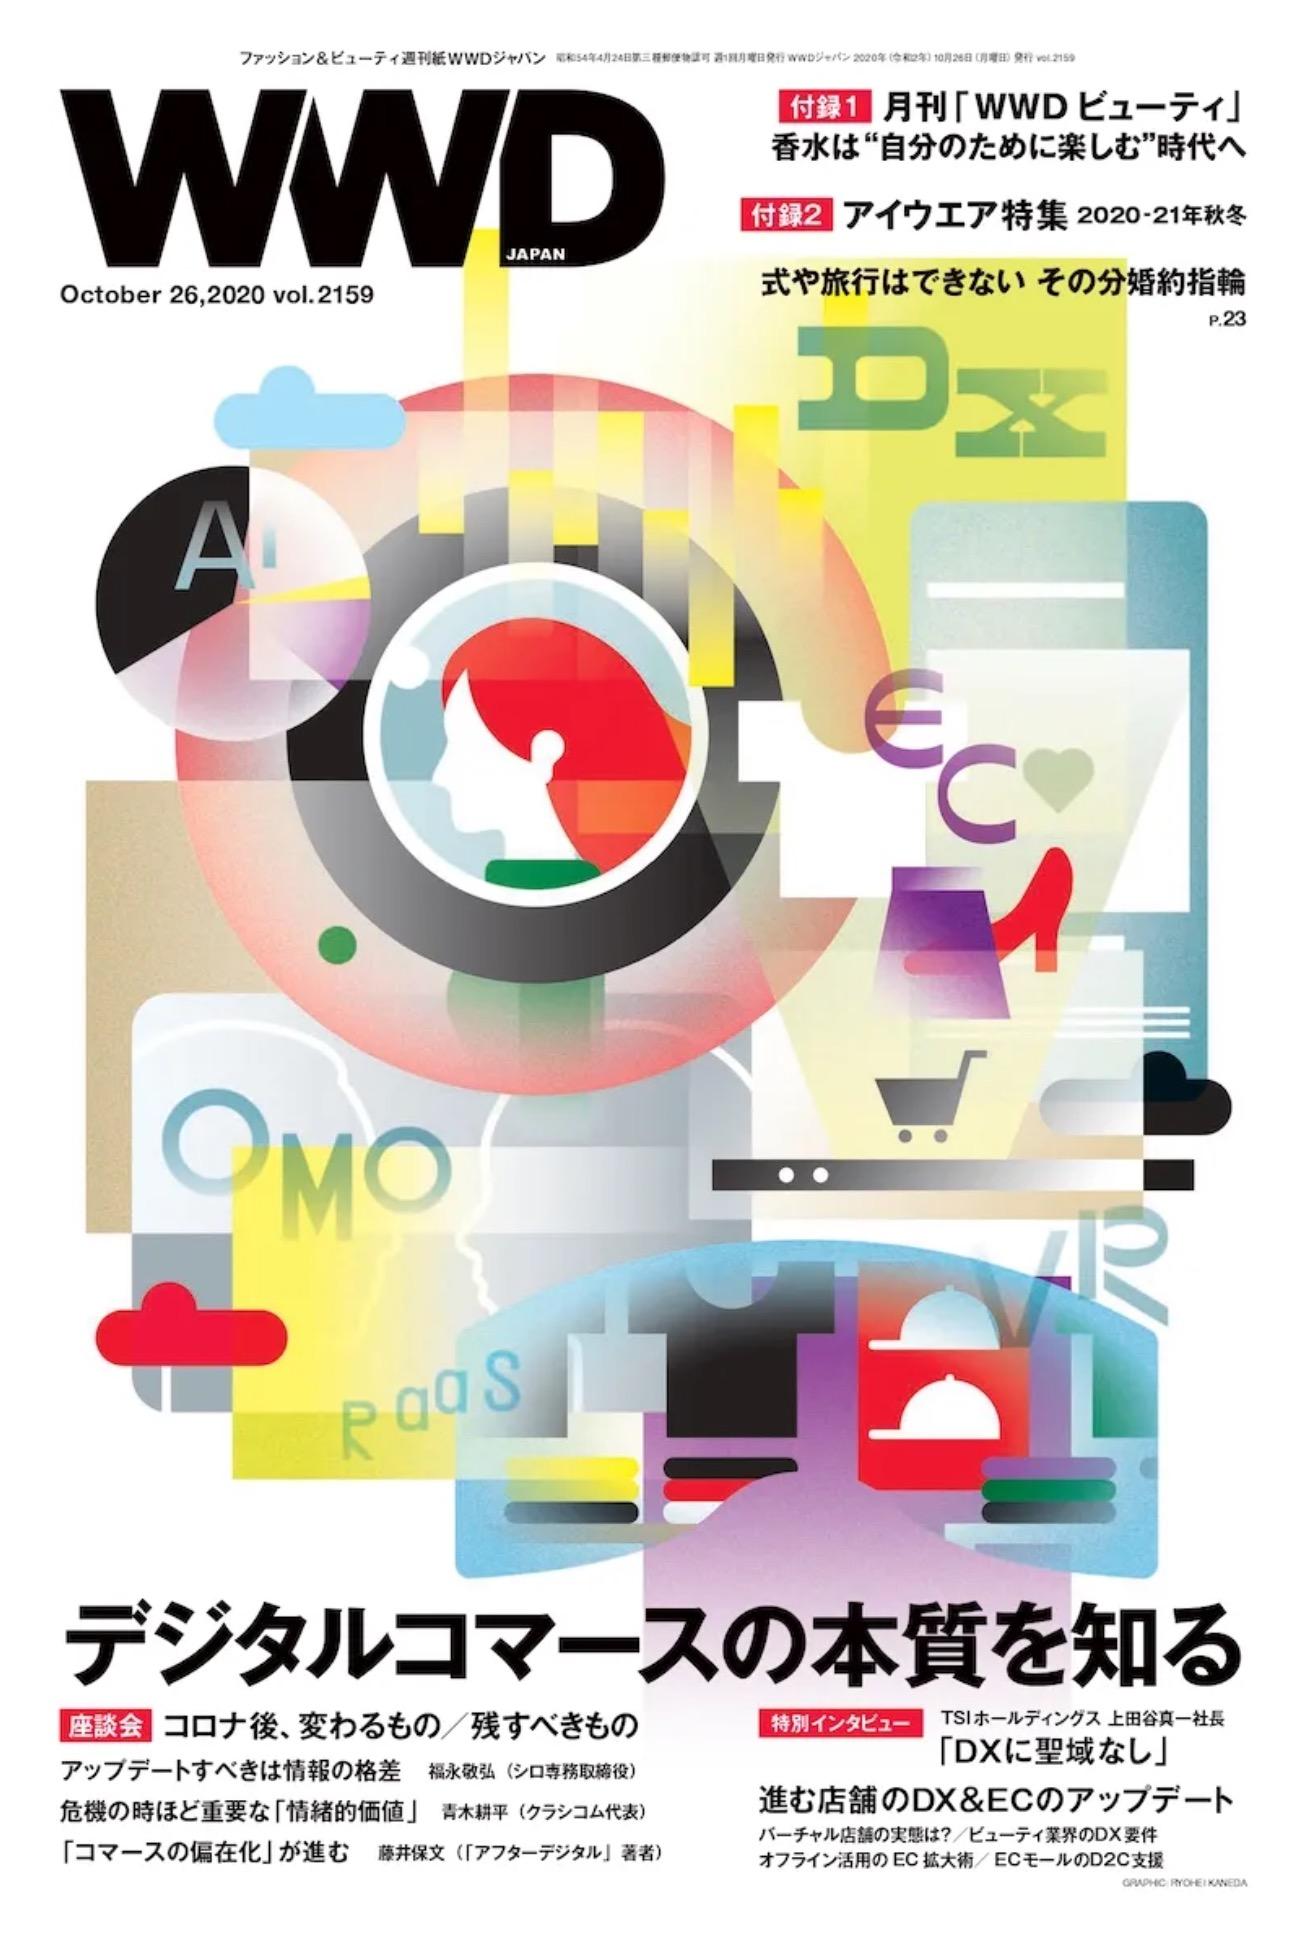 WWD JAPAN 2020年10月26日号